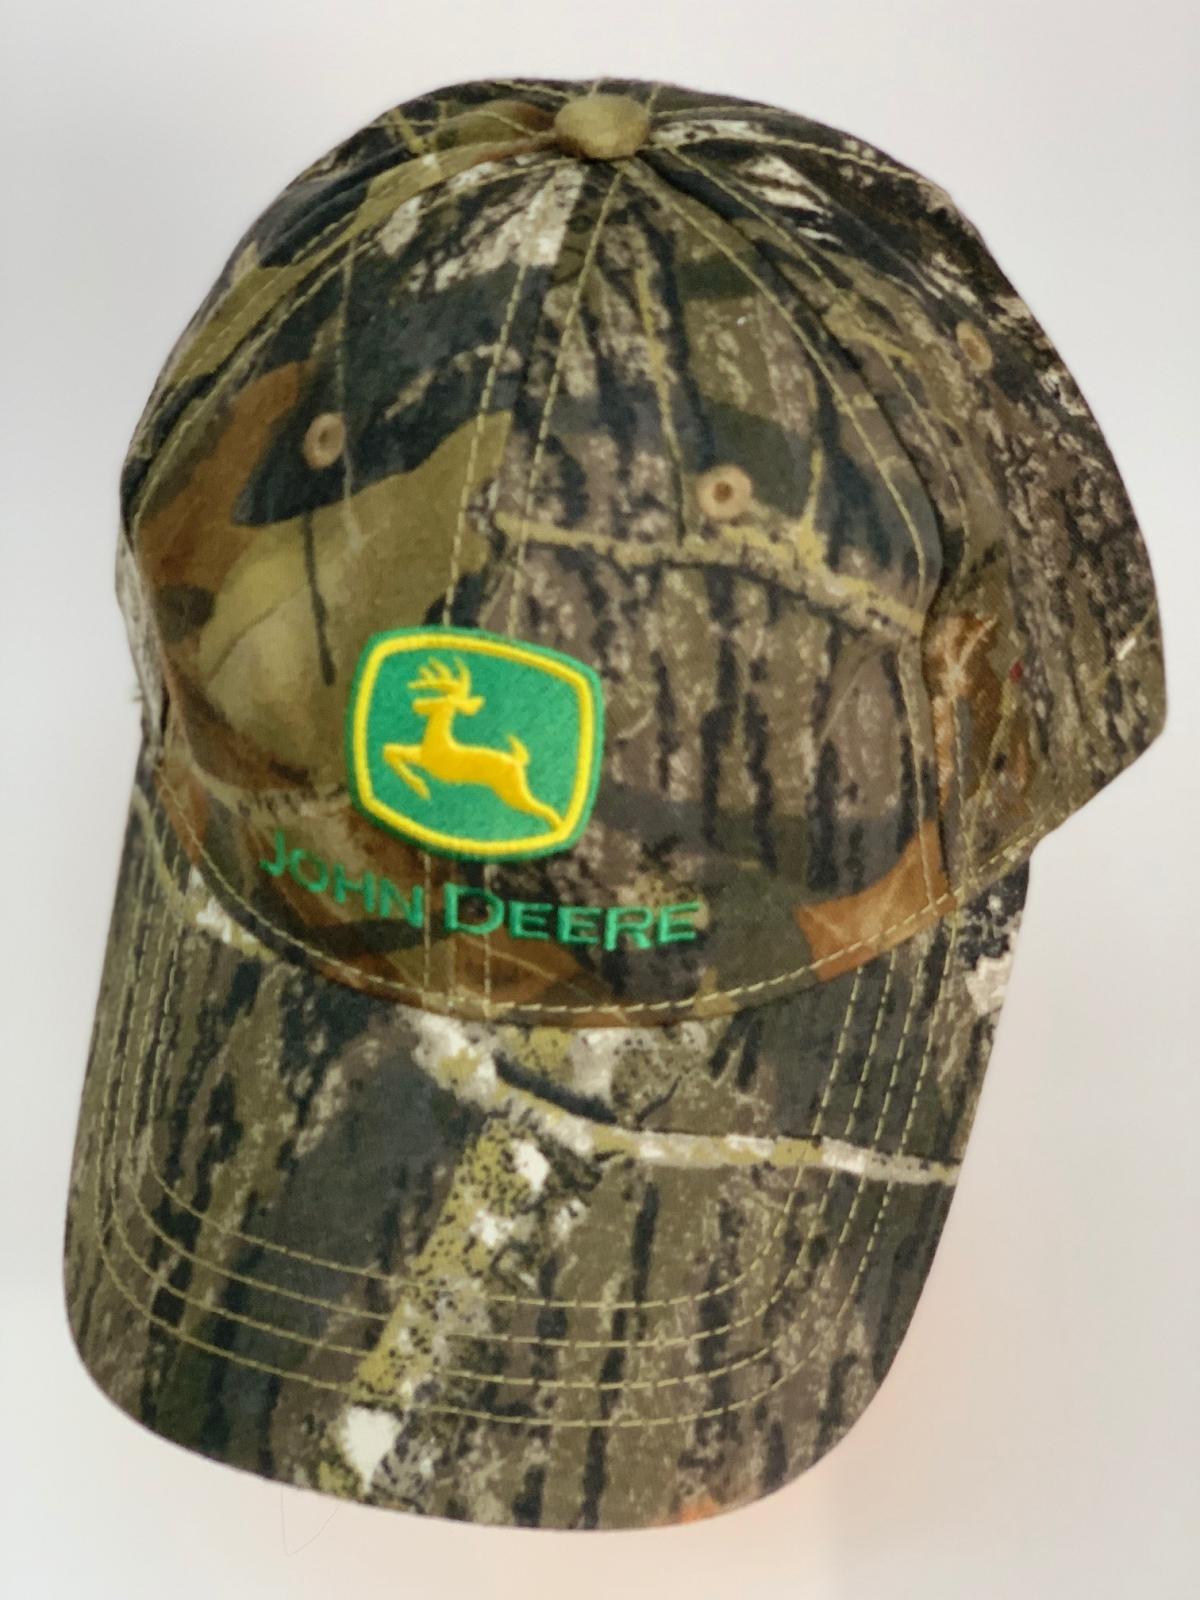 Камуфляжная бейсболка John Deere с зеленой вышивкой